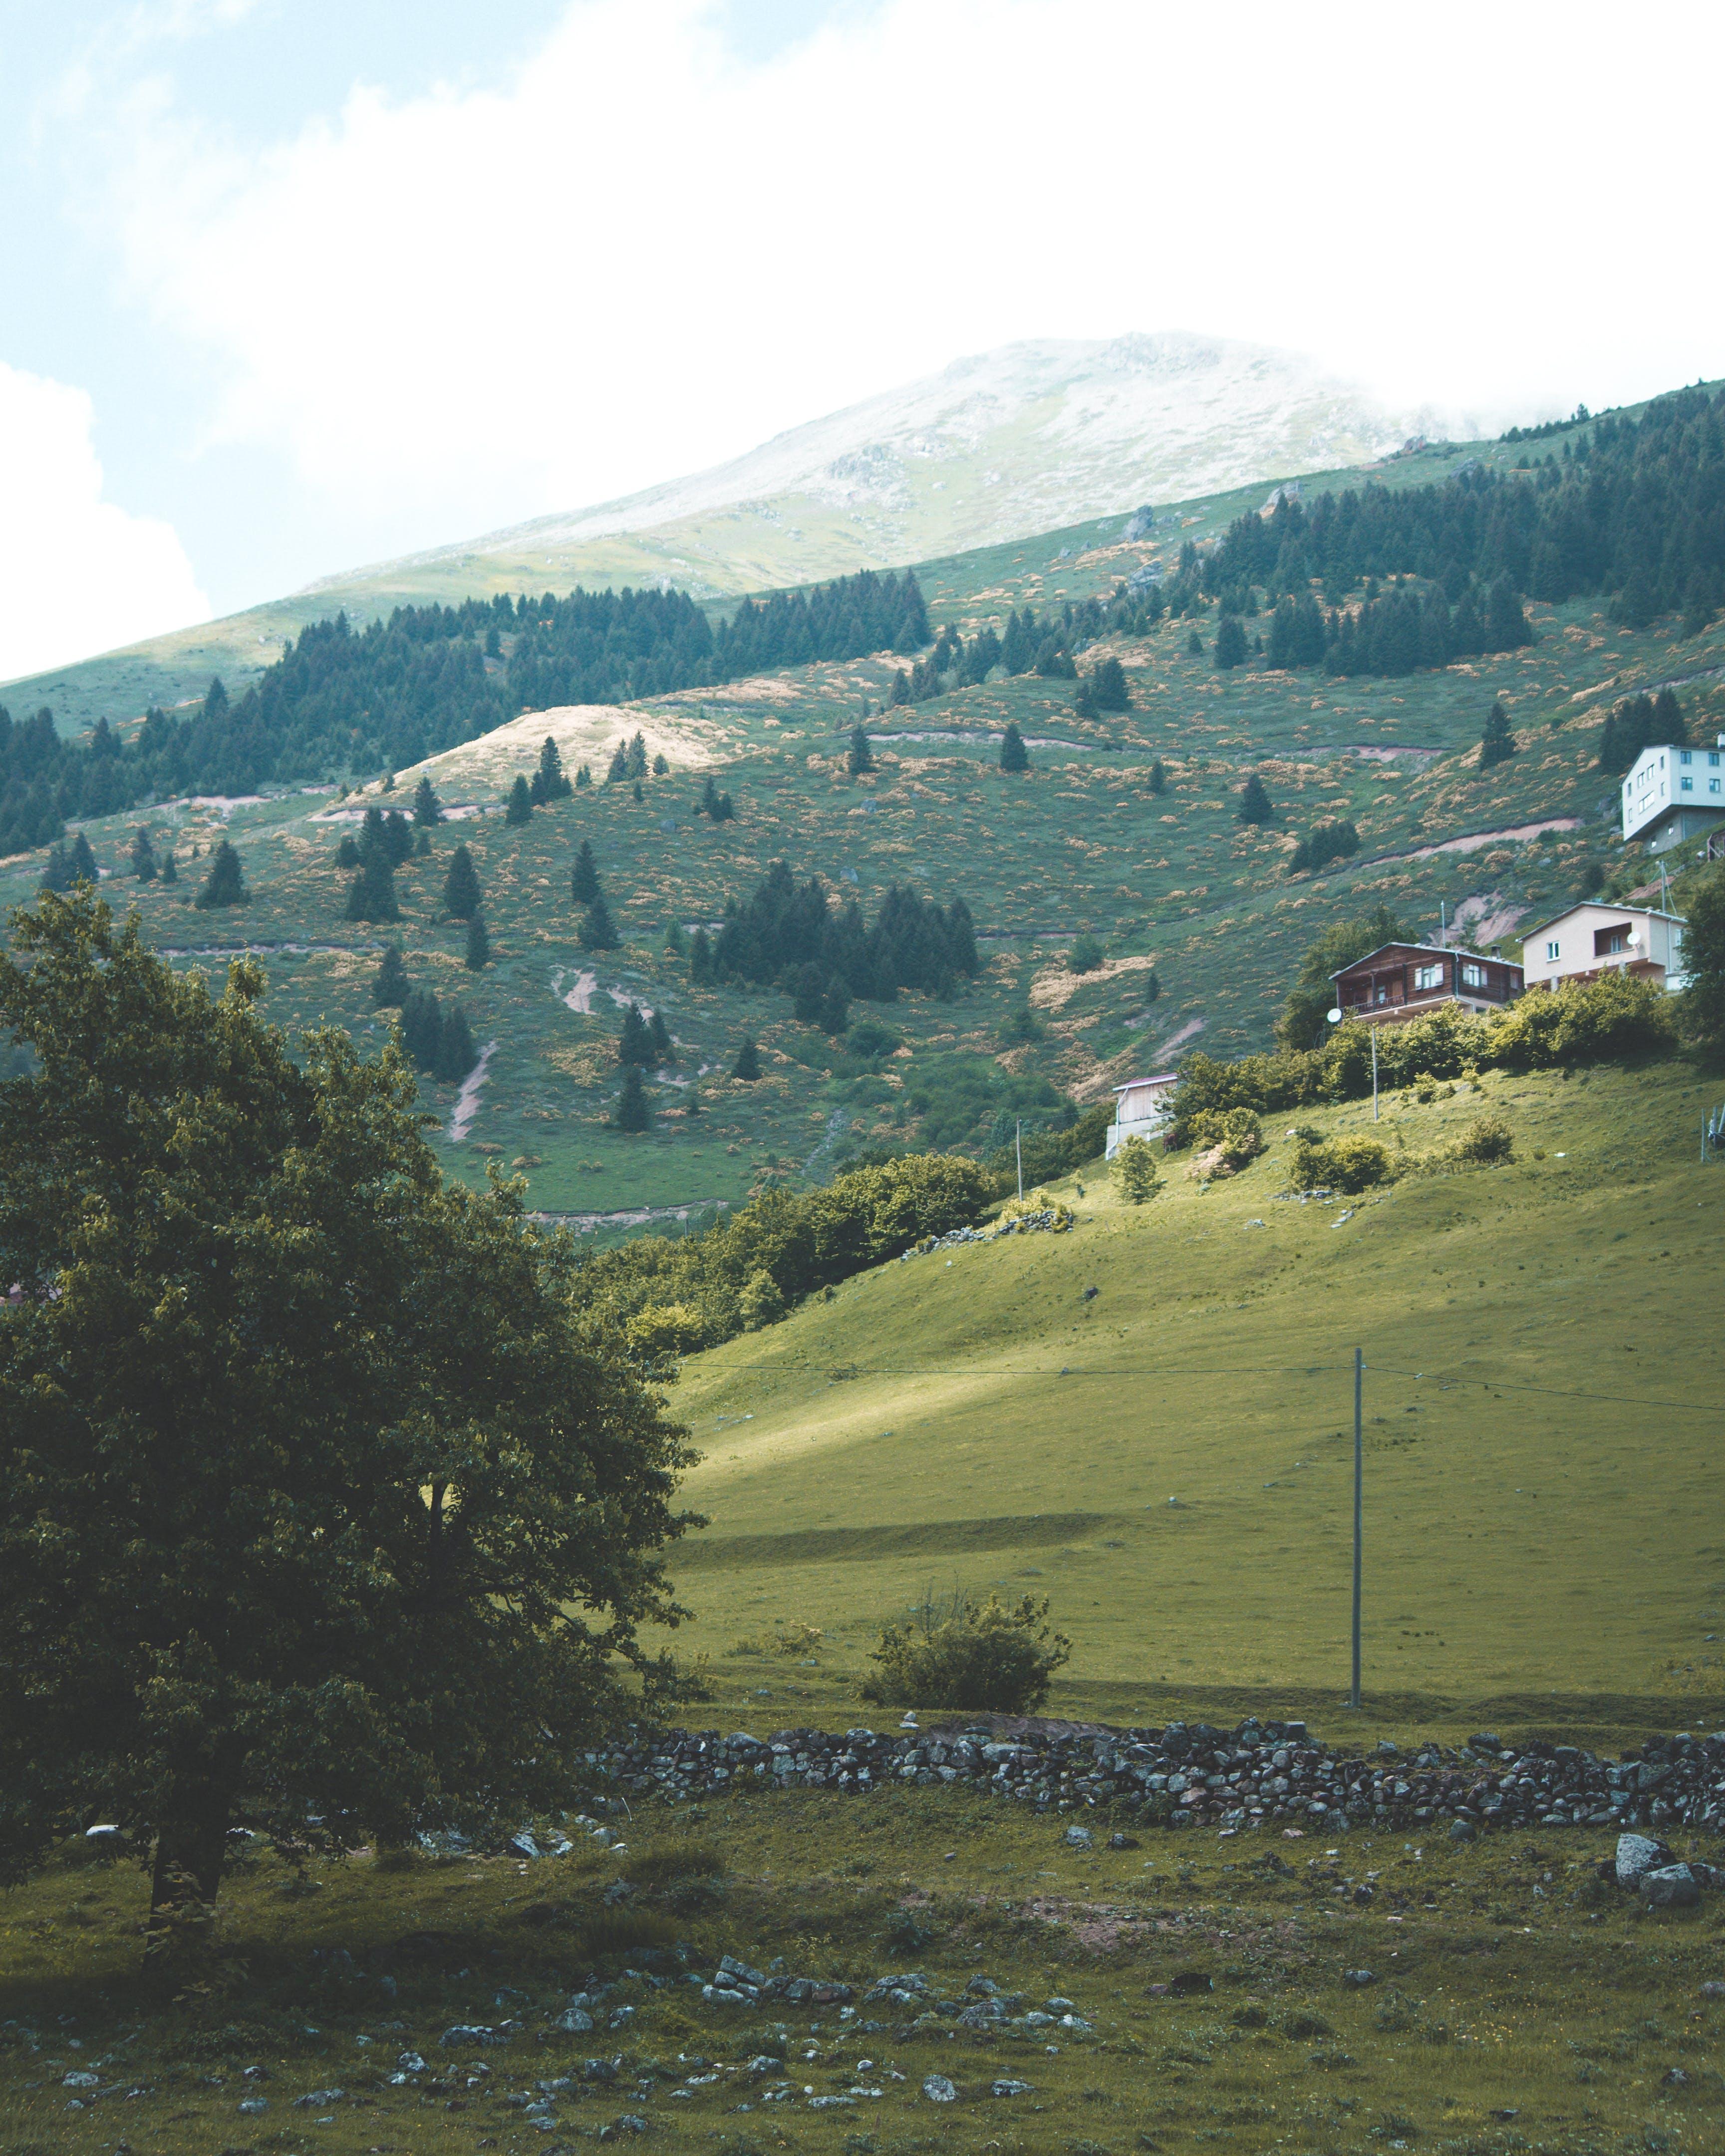 Δωρεάν στοκ φωτογραφιών με αγροτικός, βουνό, γεωργία, εξοχή